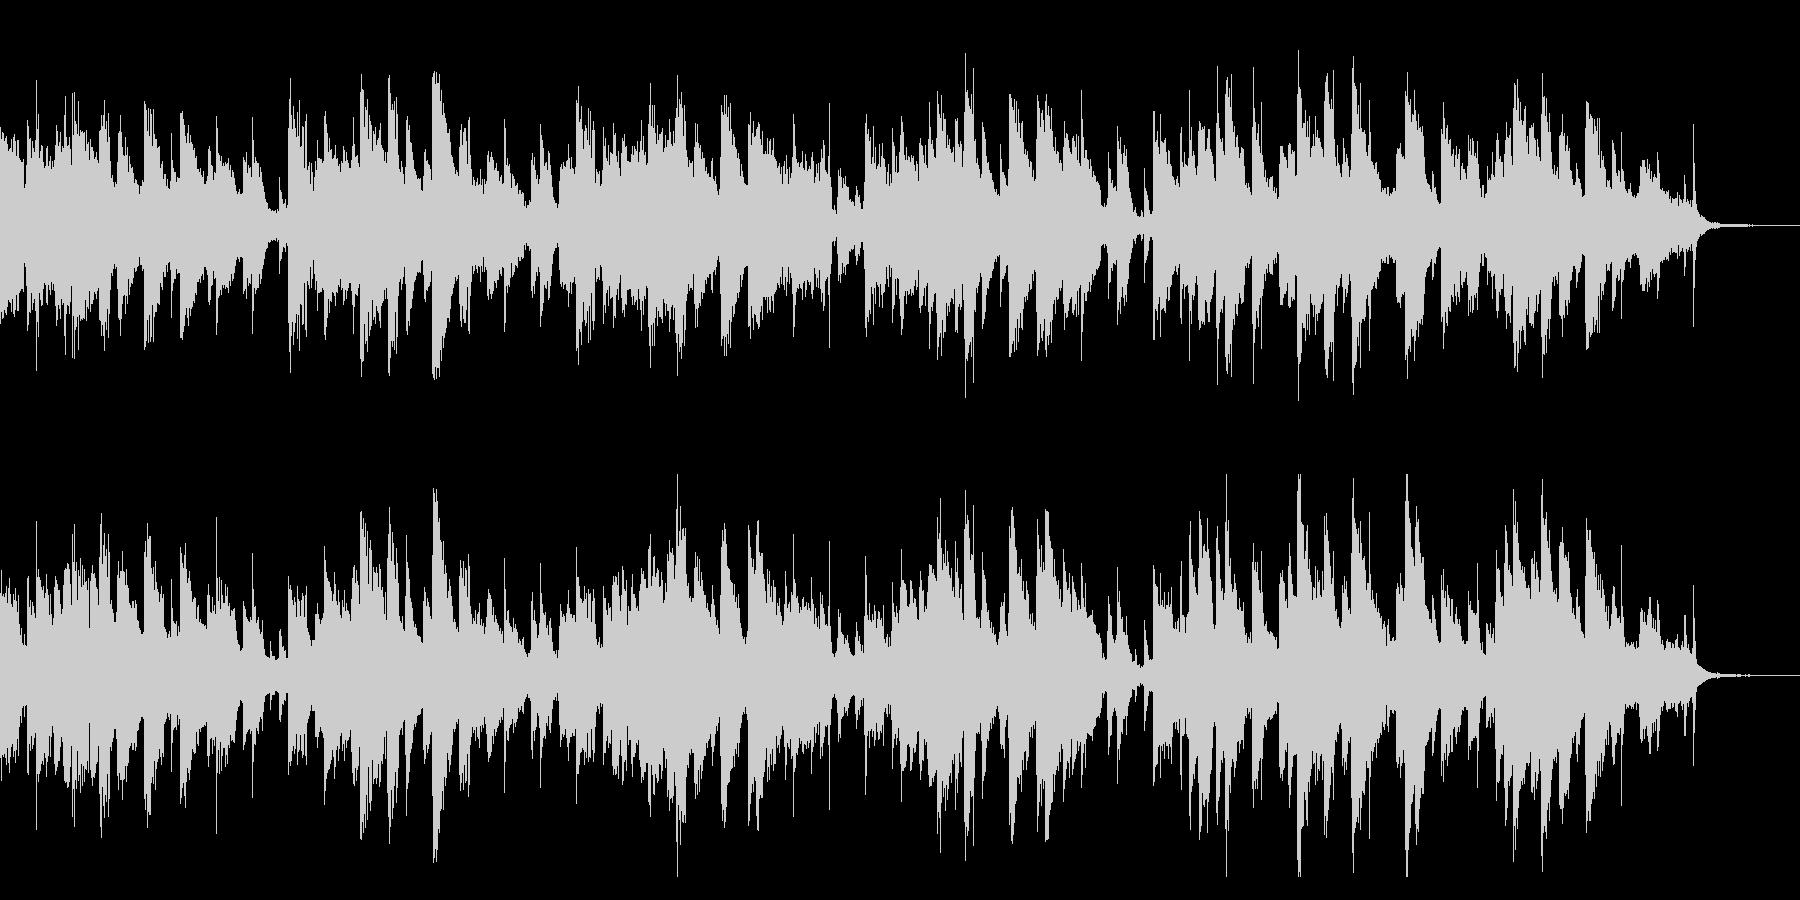 そよ風が歌うようなピアノ曲(1回)の未再生の波形